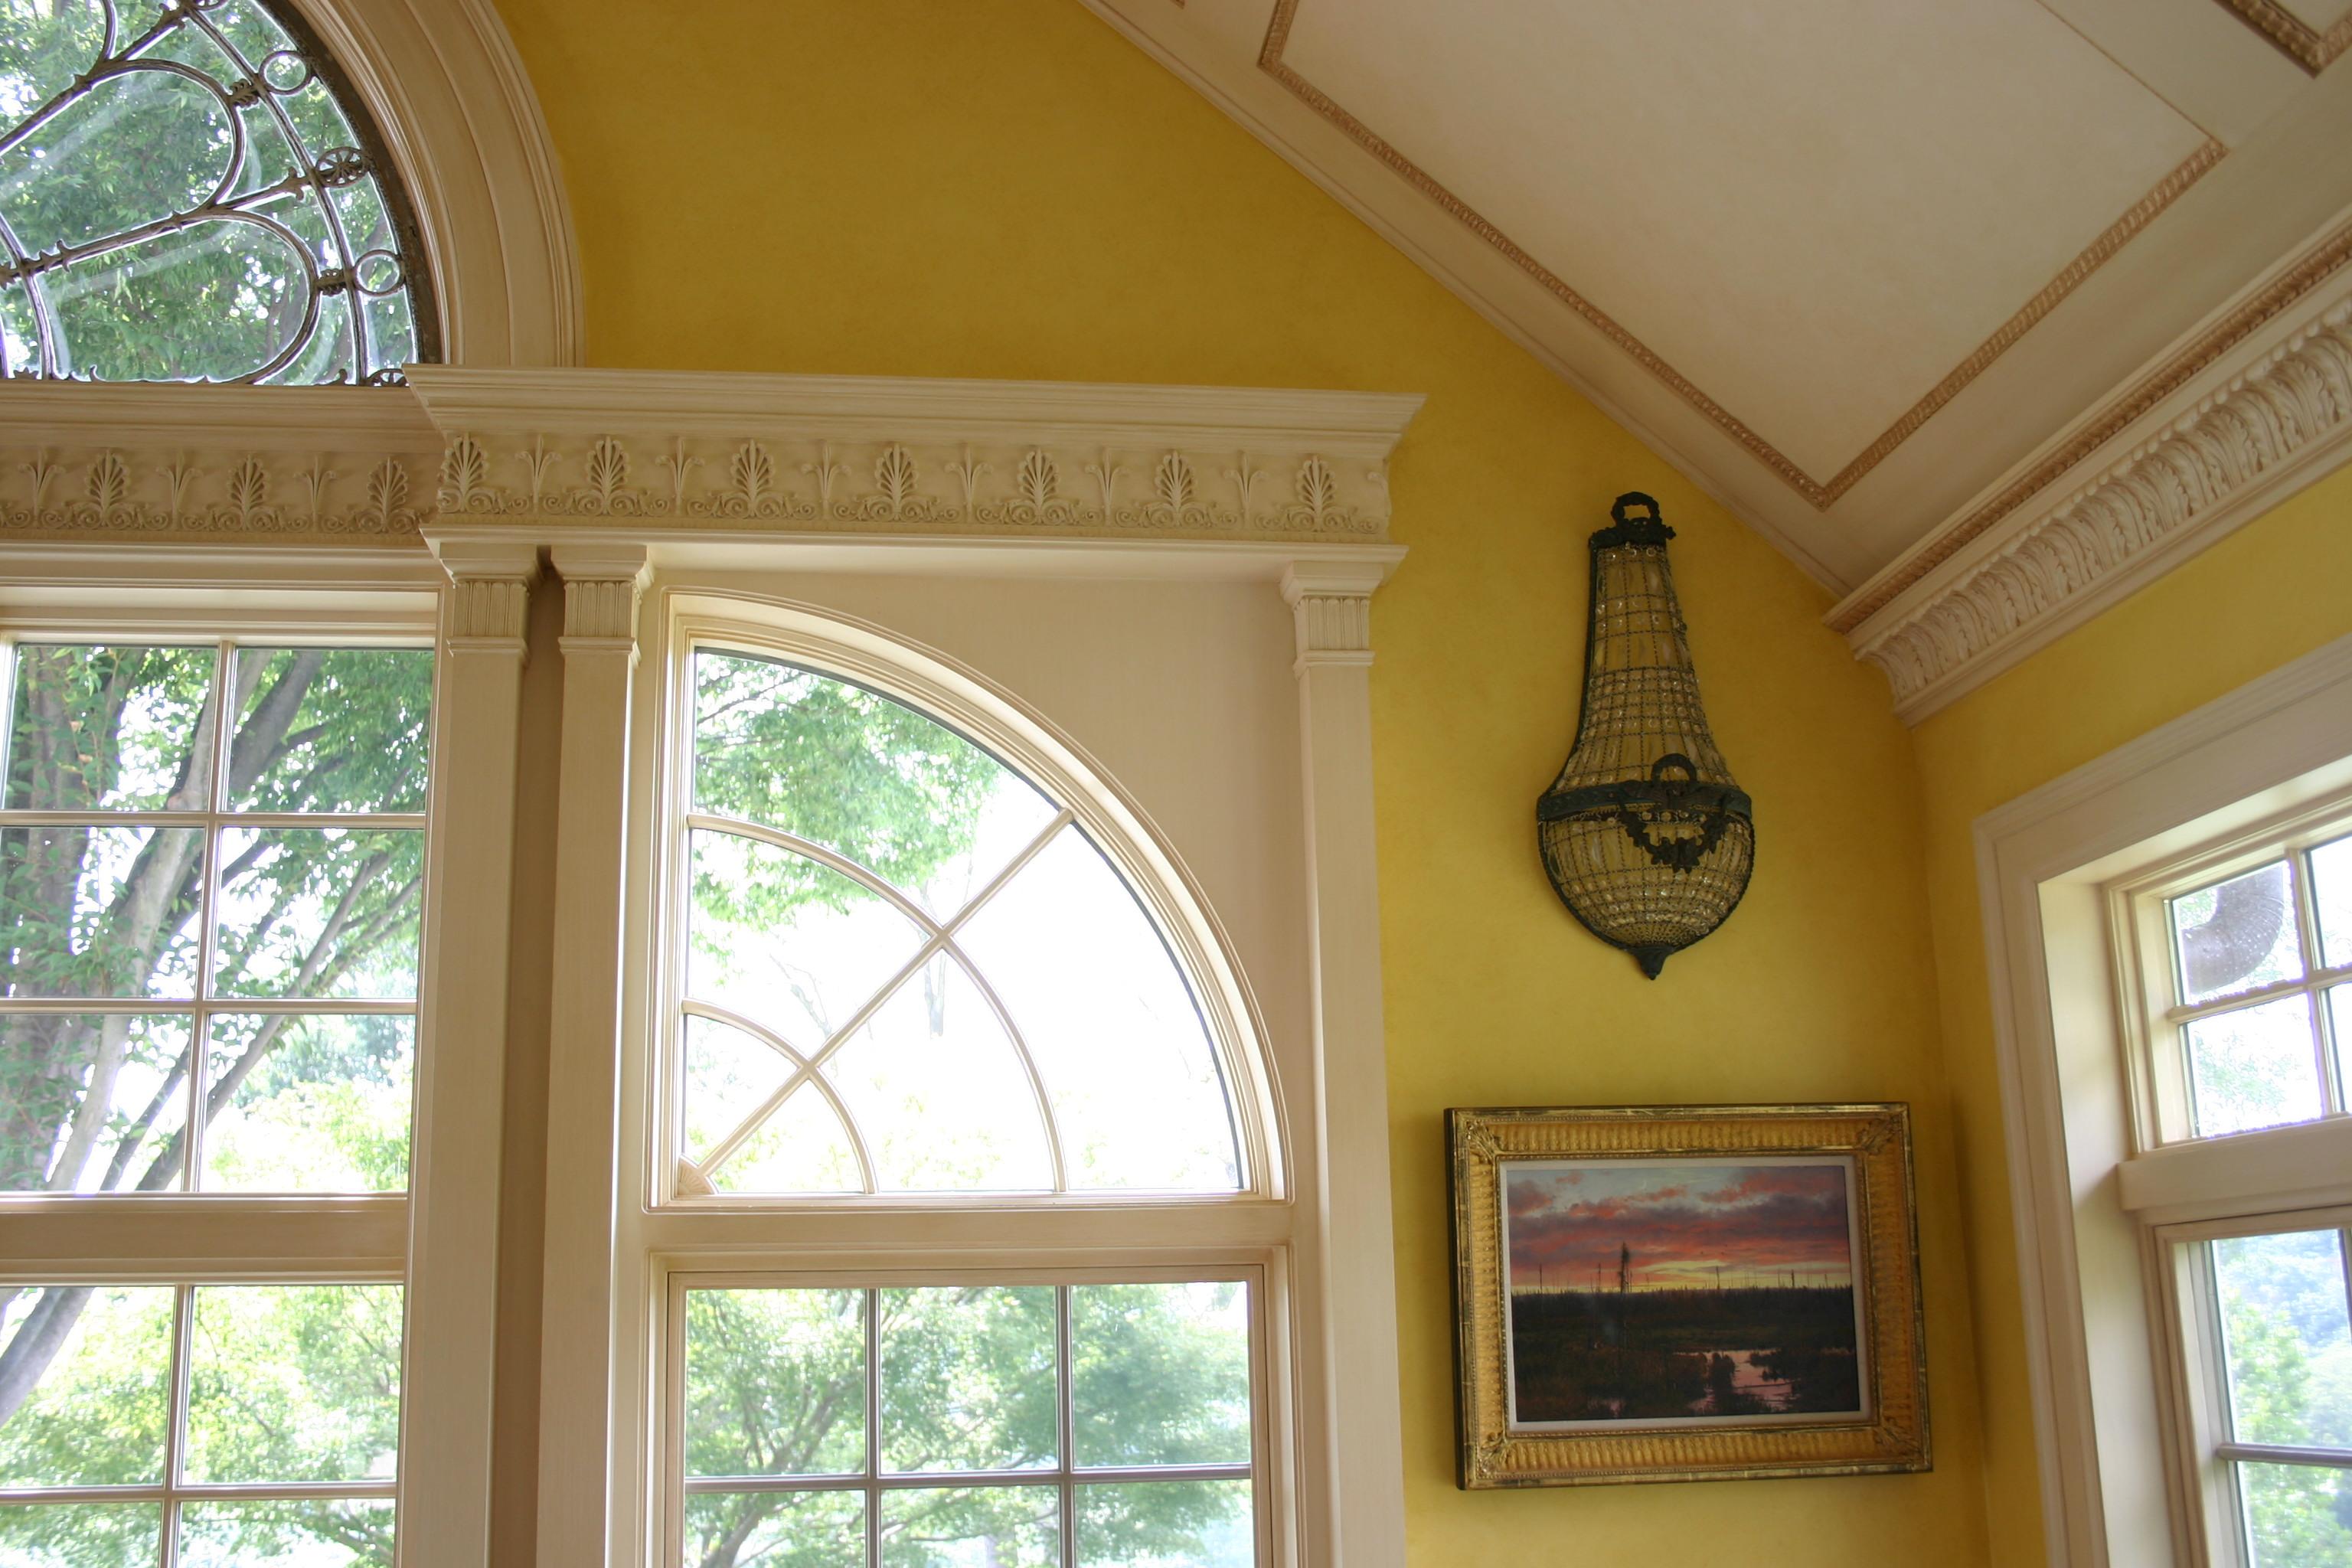 Composition ornament on trim